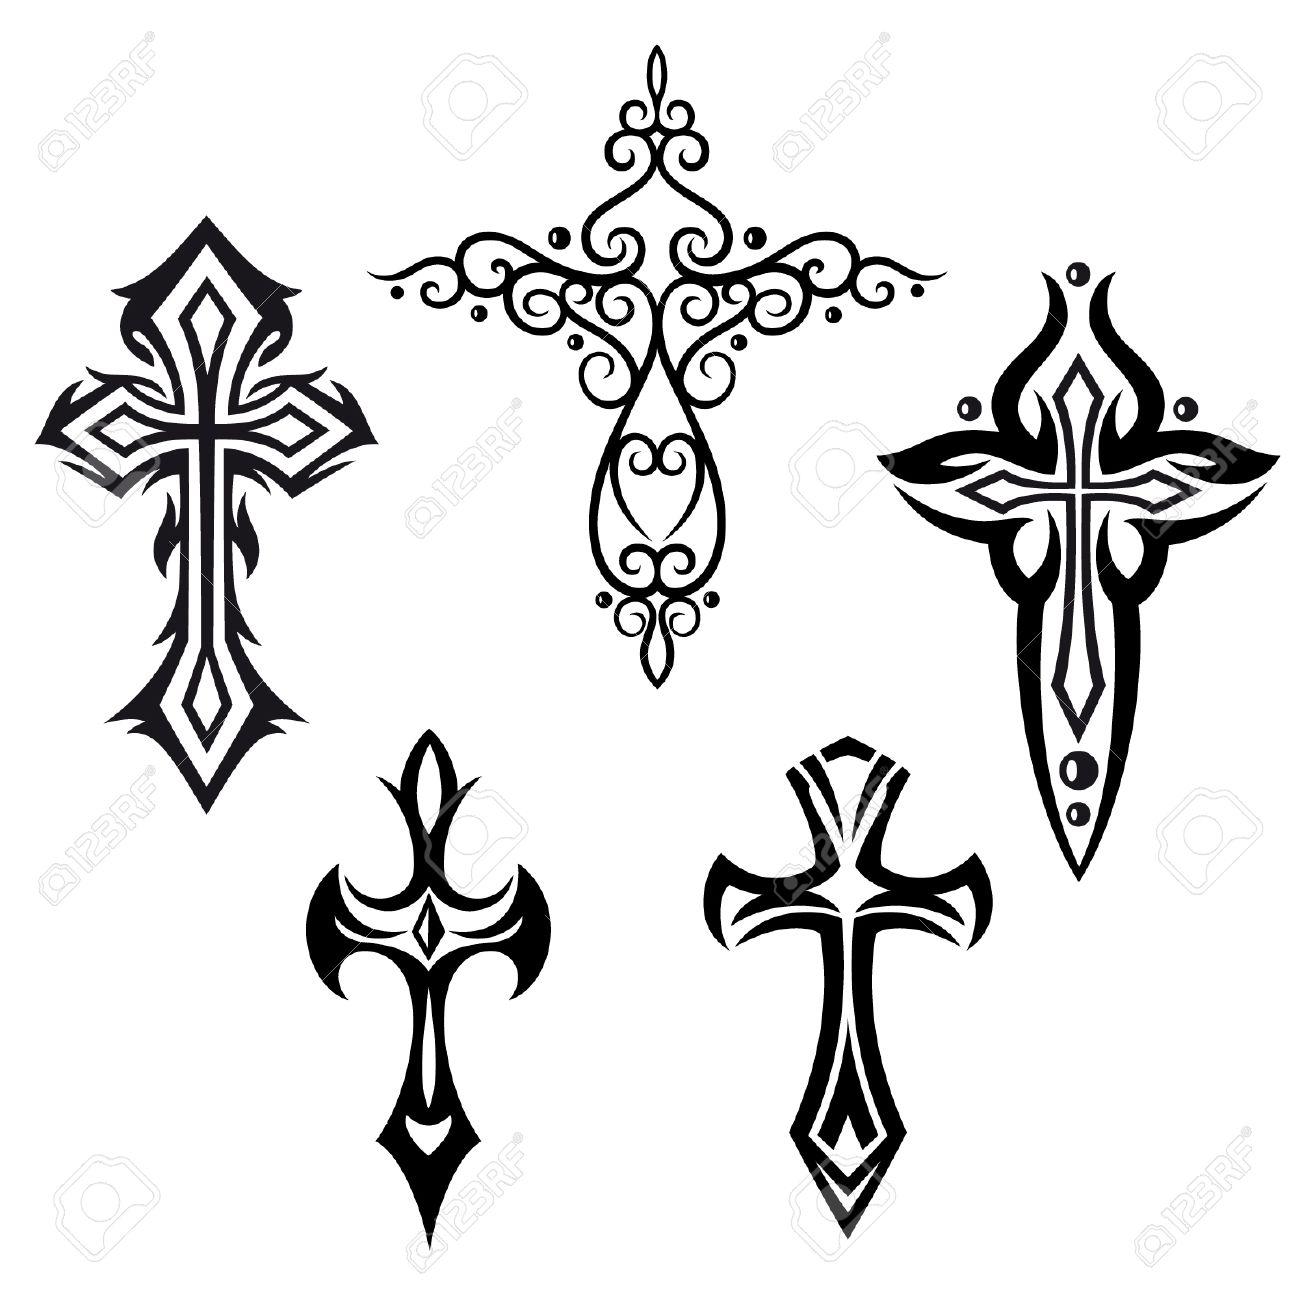 Tatouage Lettre Gothique Idee Homme tatouage croix banque d\u0027images,  vecteurs et illustrations libres